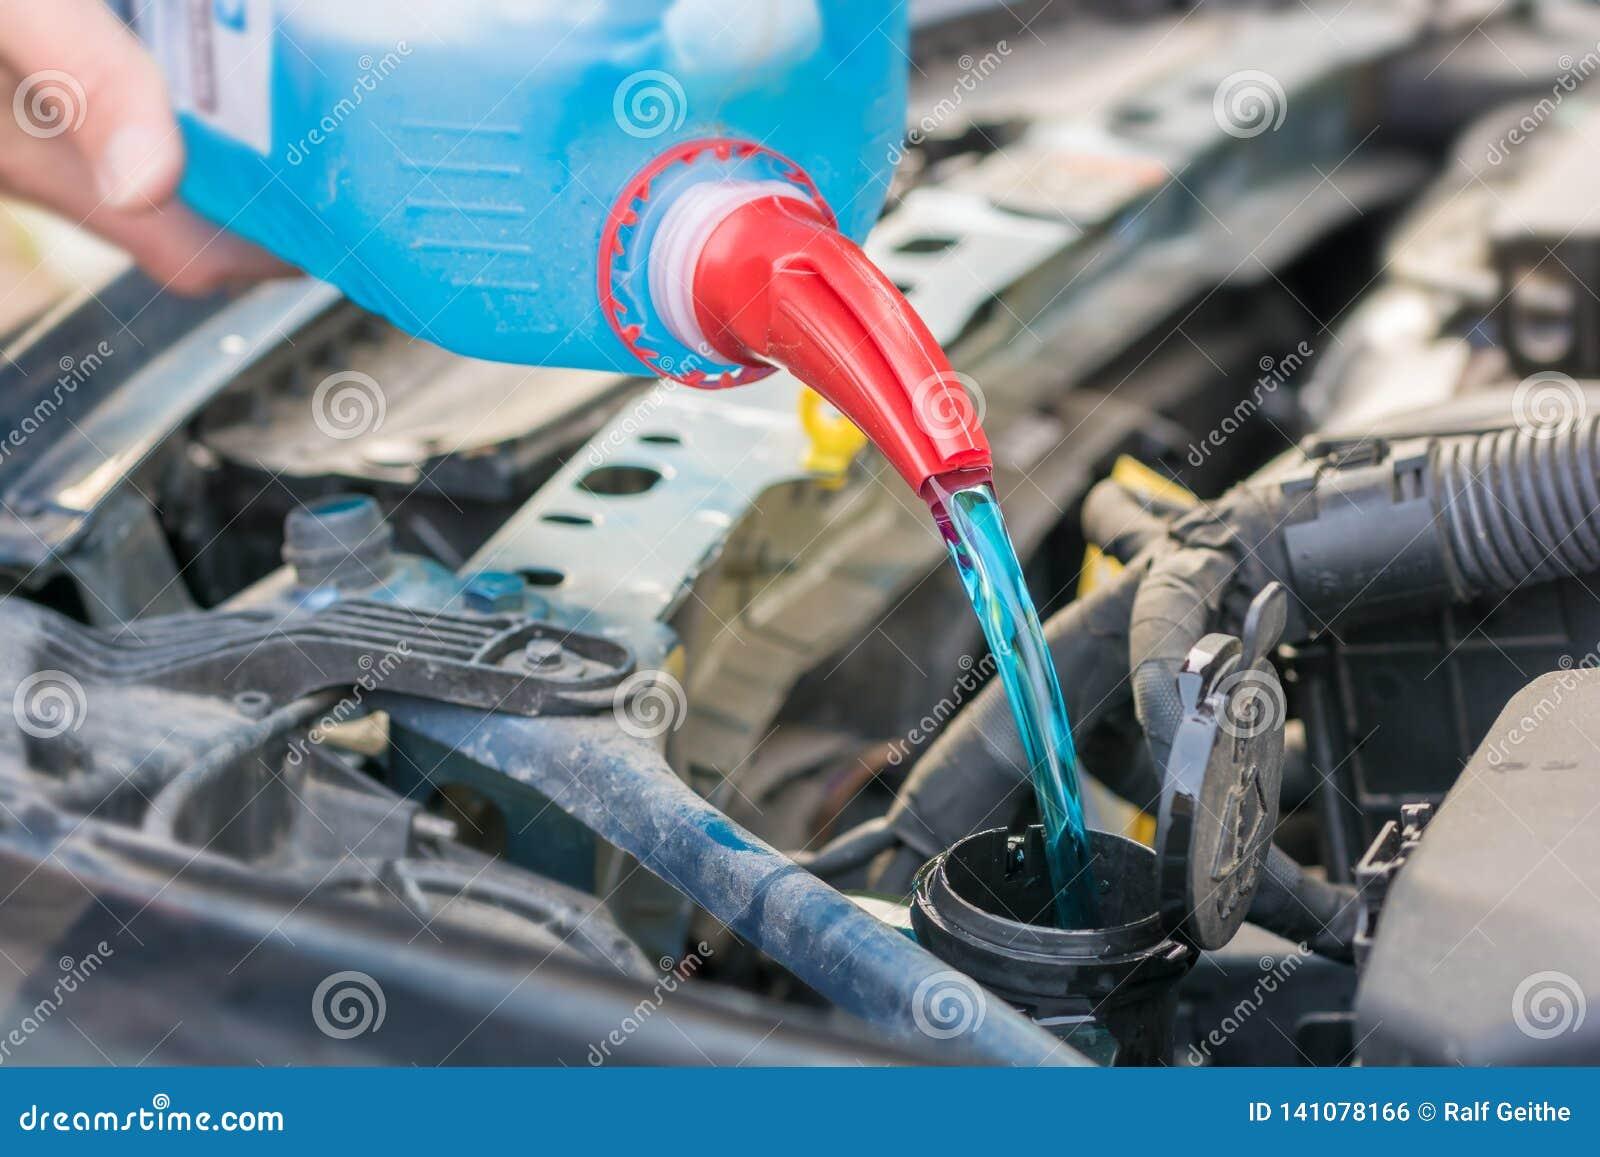 Påfyllning av vattenbehållaren med frostskyddsvätska i motorrummet av en bil